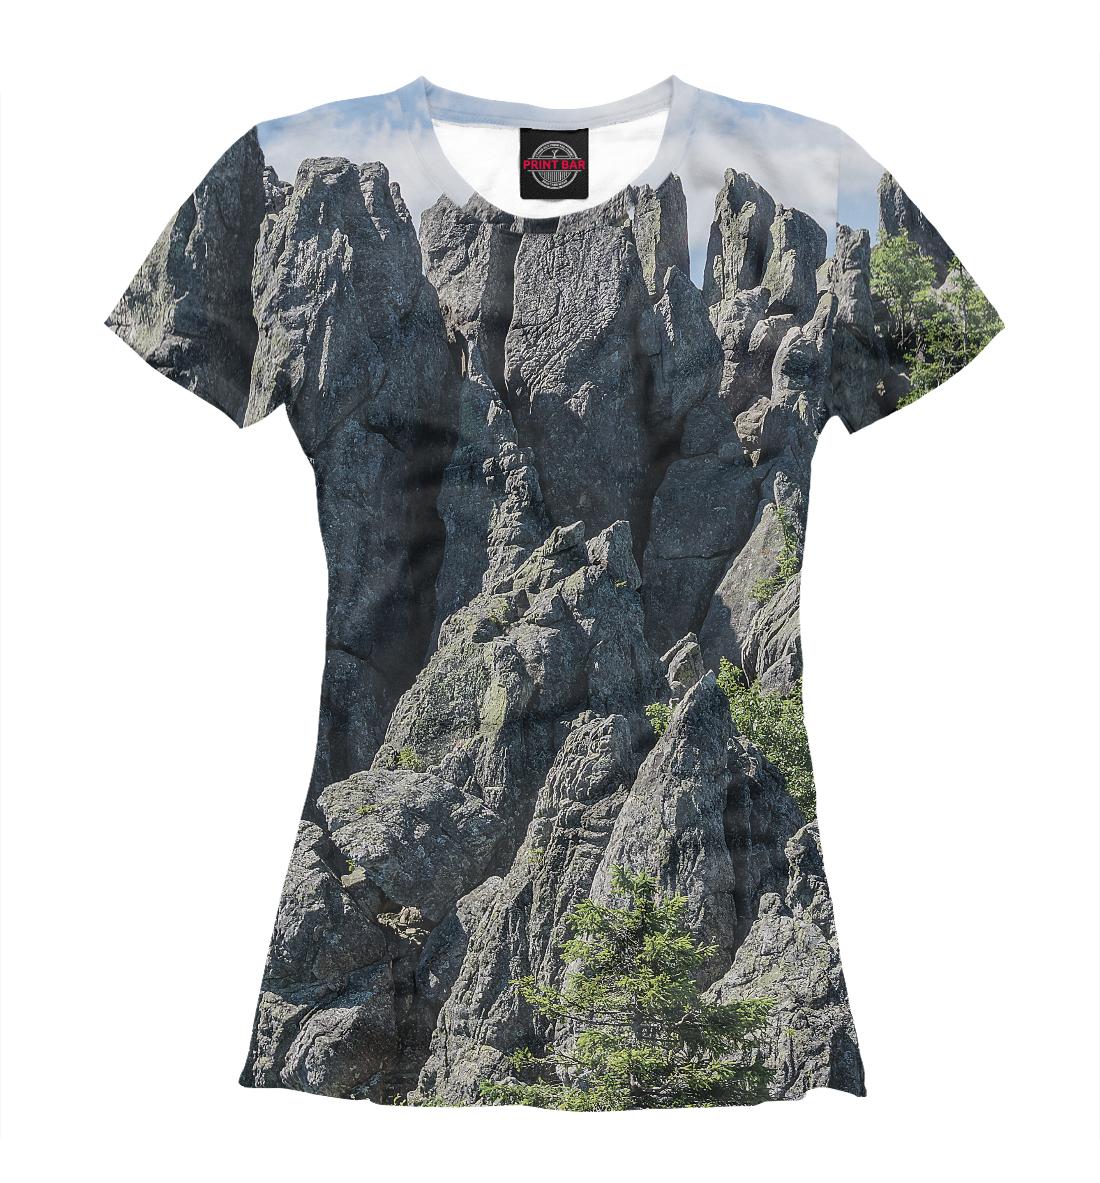 Купить Горный пейзаж парка Таганай, Printbar, Футболки, VSY-138797-fut-1